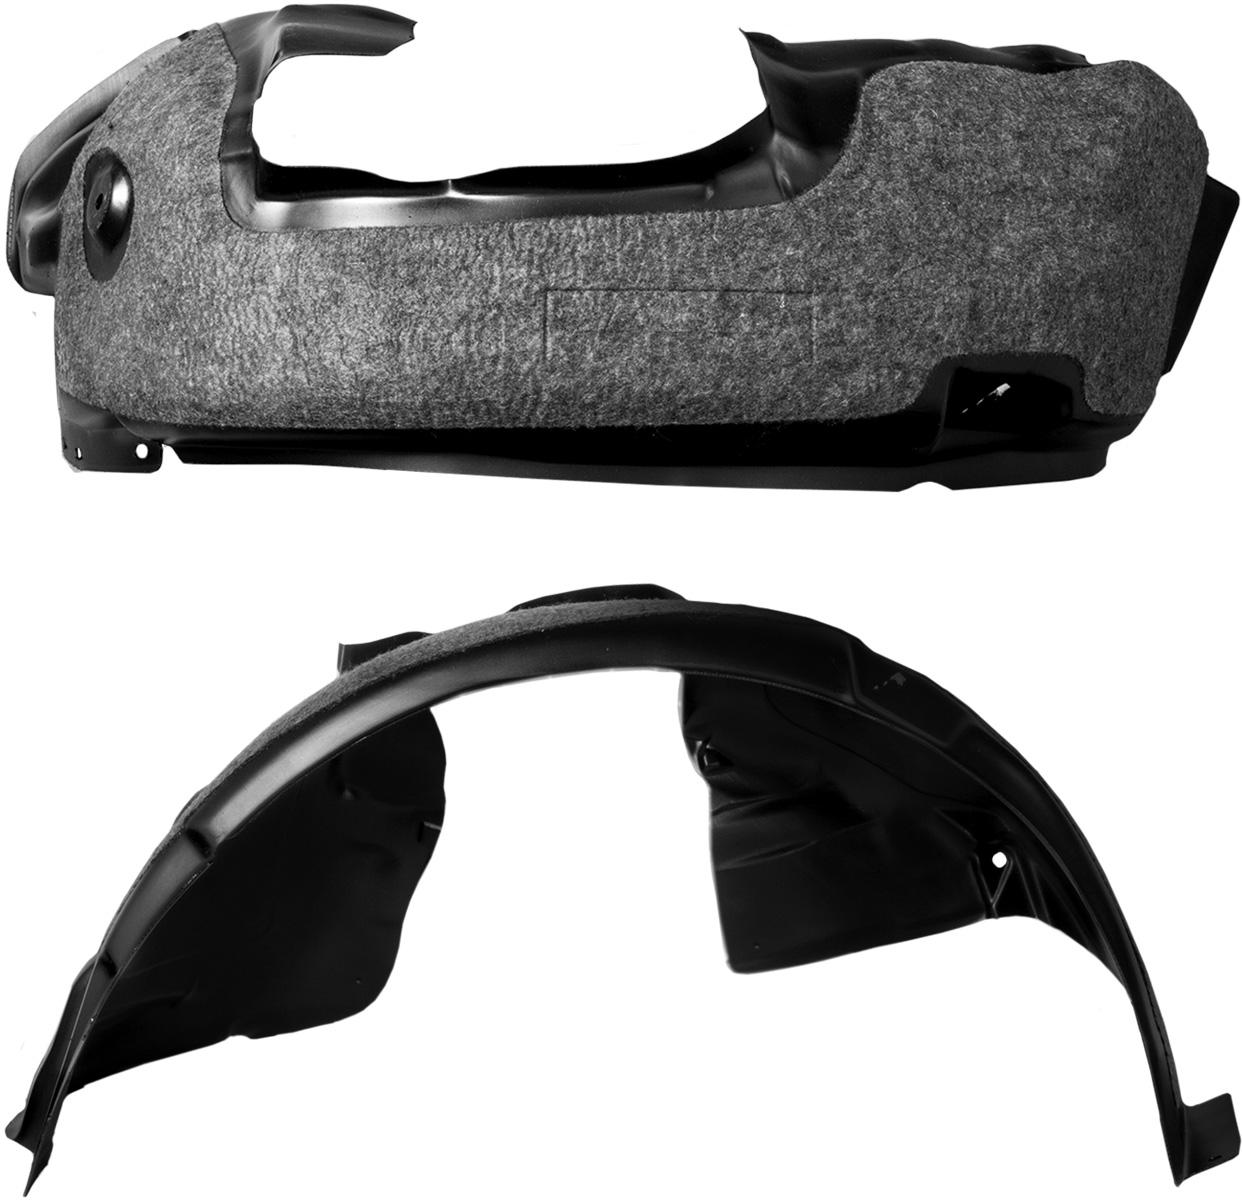 Подкрылок с шумоизоляцией Novline-Autofamily, для Peugeot 408 седан, 04/2012 -> (передний левый)NLS.38.21.001Подкрылок с шумоизоляцией - революционный продукт, совмещающий в себе все достоинства обычного подкрылка, и в то же время являющийся одним из наиболее эффективных средств борьбы с внешним шумом в салоне автомобиля. Подкрылки бренда Novline-Autofamily разрабатываются индивидуально для каждого автомобиля с использованием метода 3D-сканирования. В качестве шумоизолирующего слоя применяется легкое синтетическое нетканое полотно толщиной 10 мм, которое отталкивает влагу, сохраняет свои шумоизоляционные свойства на протяжении всего периода эксплуатации. Подкрылки с шумоизоляцией не имеют эксплуатационных ограничений и устанавливаются один раз на весь срок службы автомобиля. Подкрылки с шумоизоляцией не имеют аналогов и являются российским изобретением, получившим признание во всём мире. Уважаемые клиенты! Обращаем ваше внимание, фото может не полностью соответствовать оригиналу.